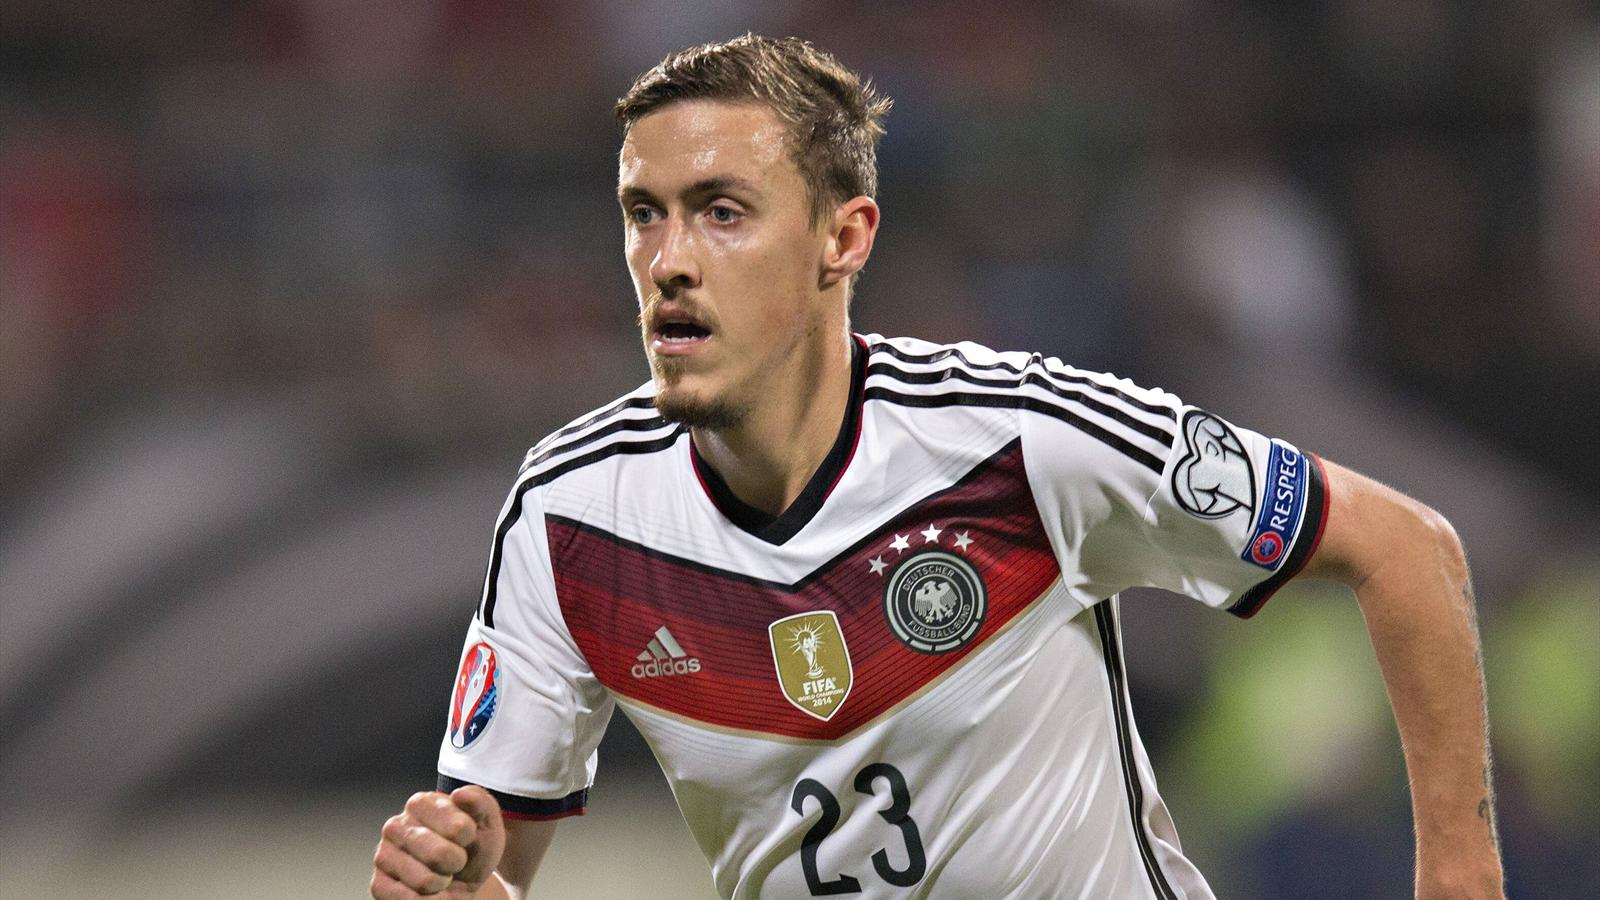 Max Kruse droht Rausschmiss aus der Nationalmannschaft